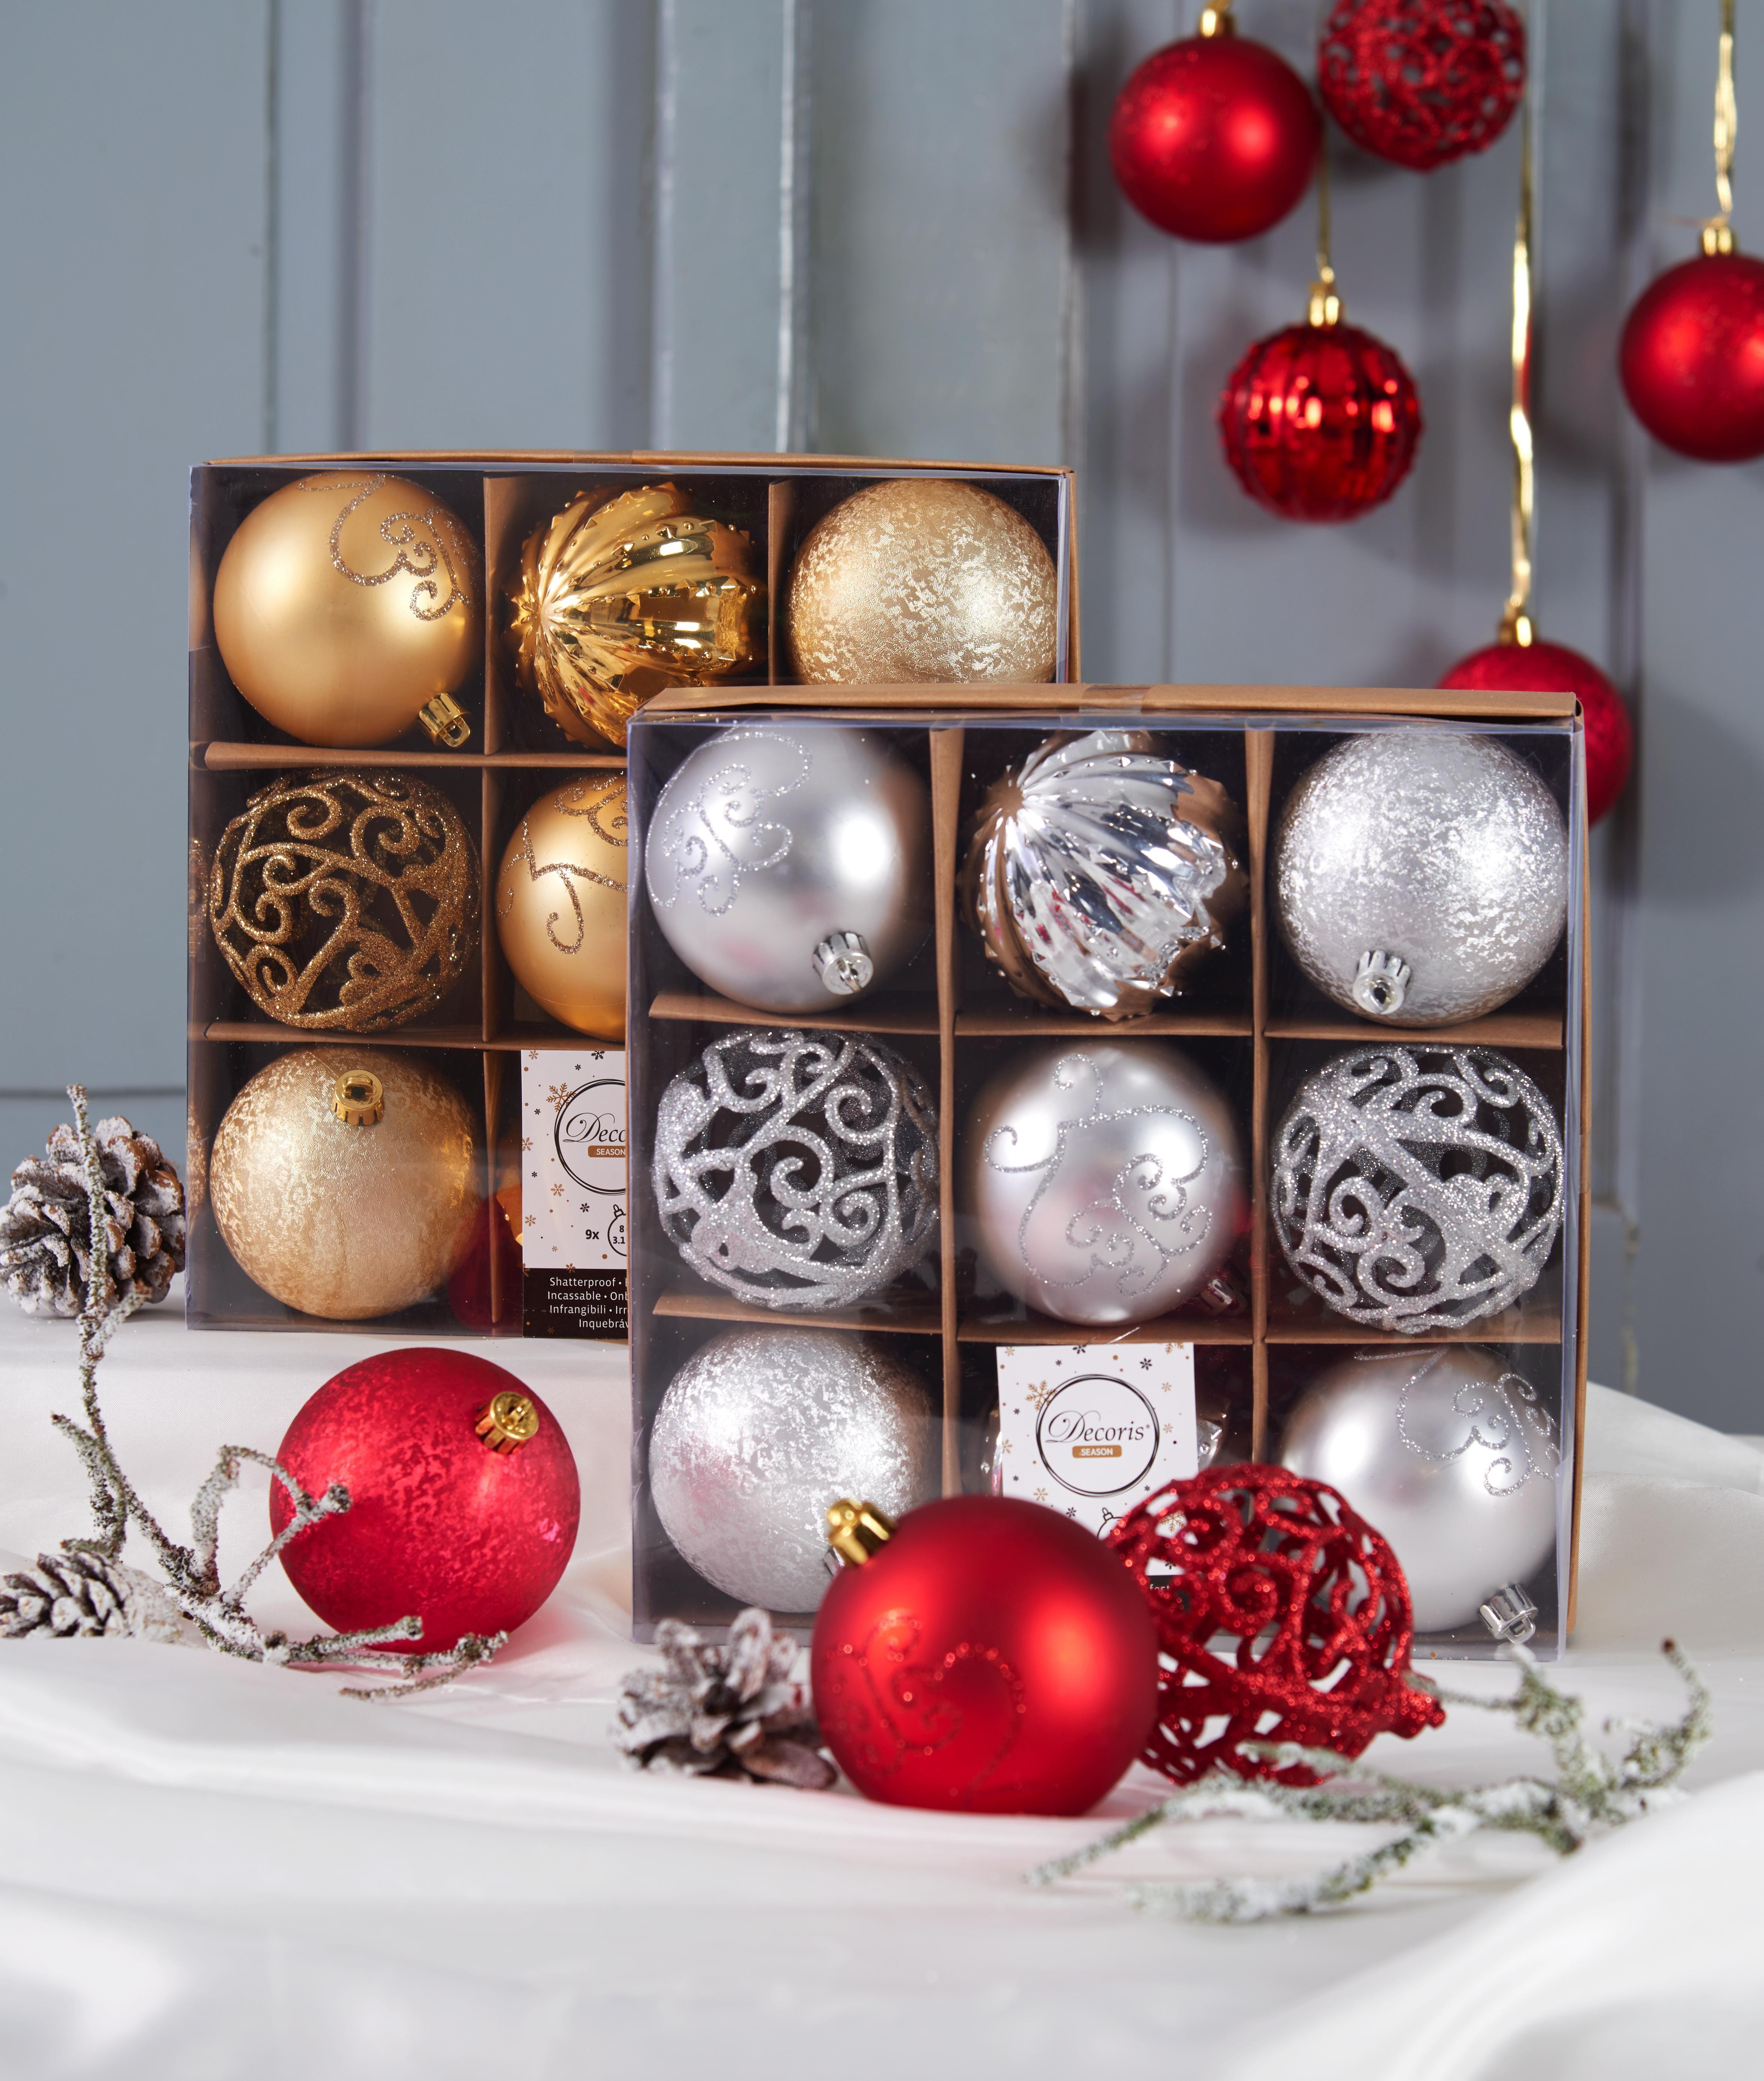 Weihnachtsdeko Rot Silber.Weihnachtskugeln Christbaumschmuck In Silber Rot Und Gold